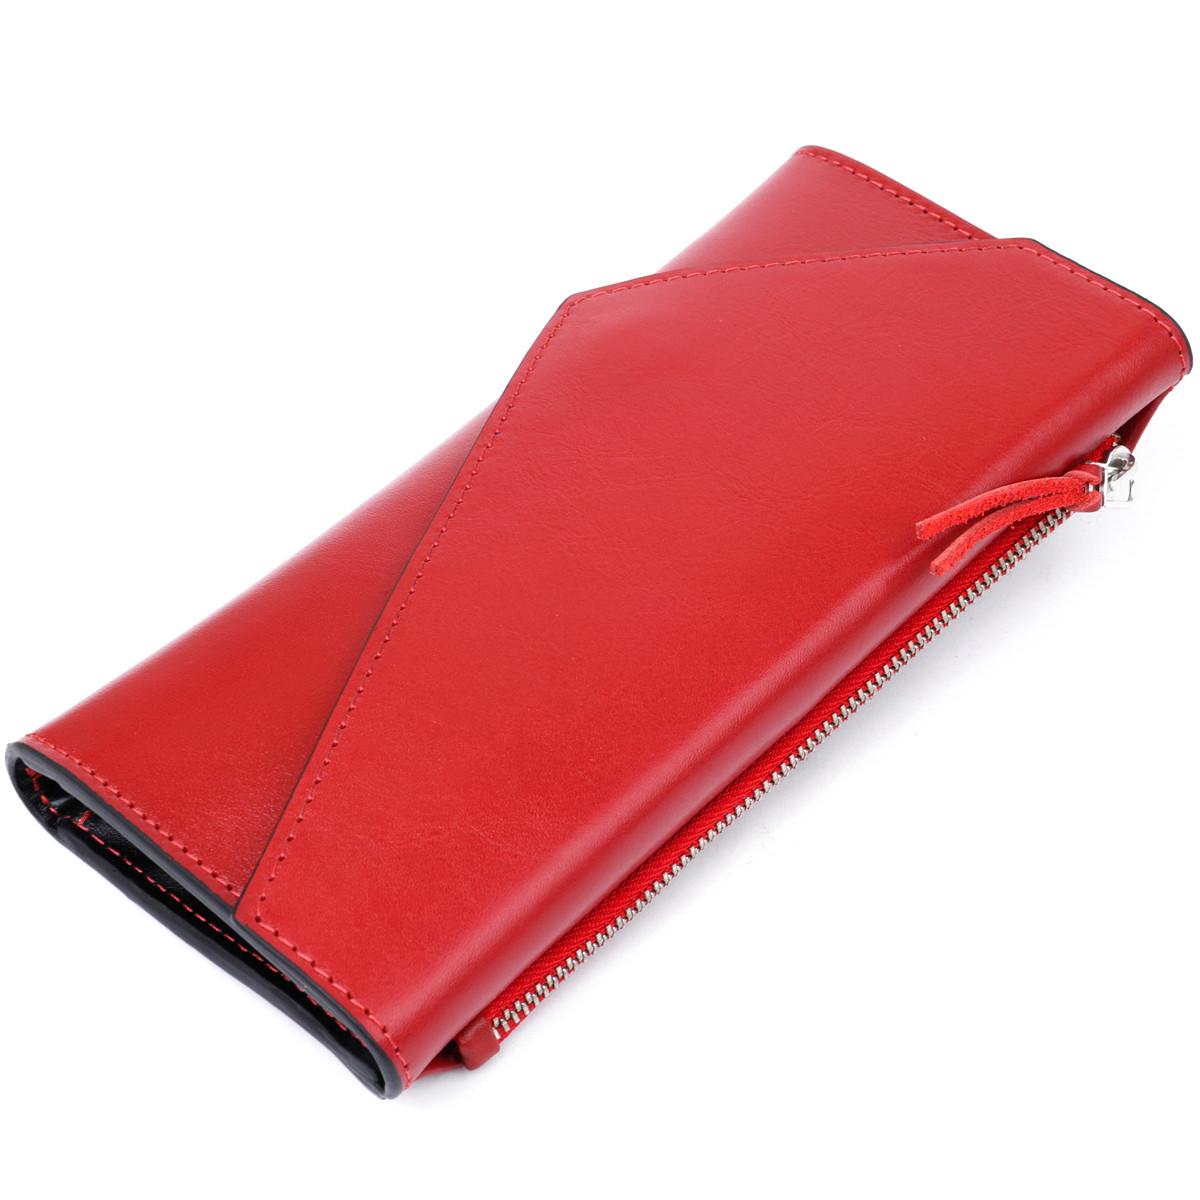 Жіночий місткий гаманець GRANDE PELLE 11368 Червоний